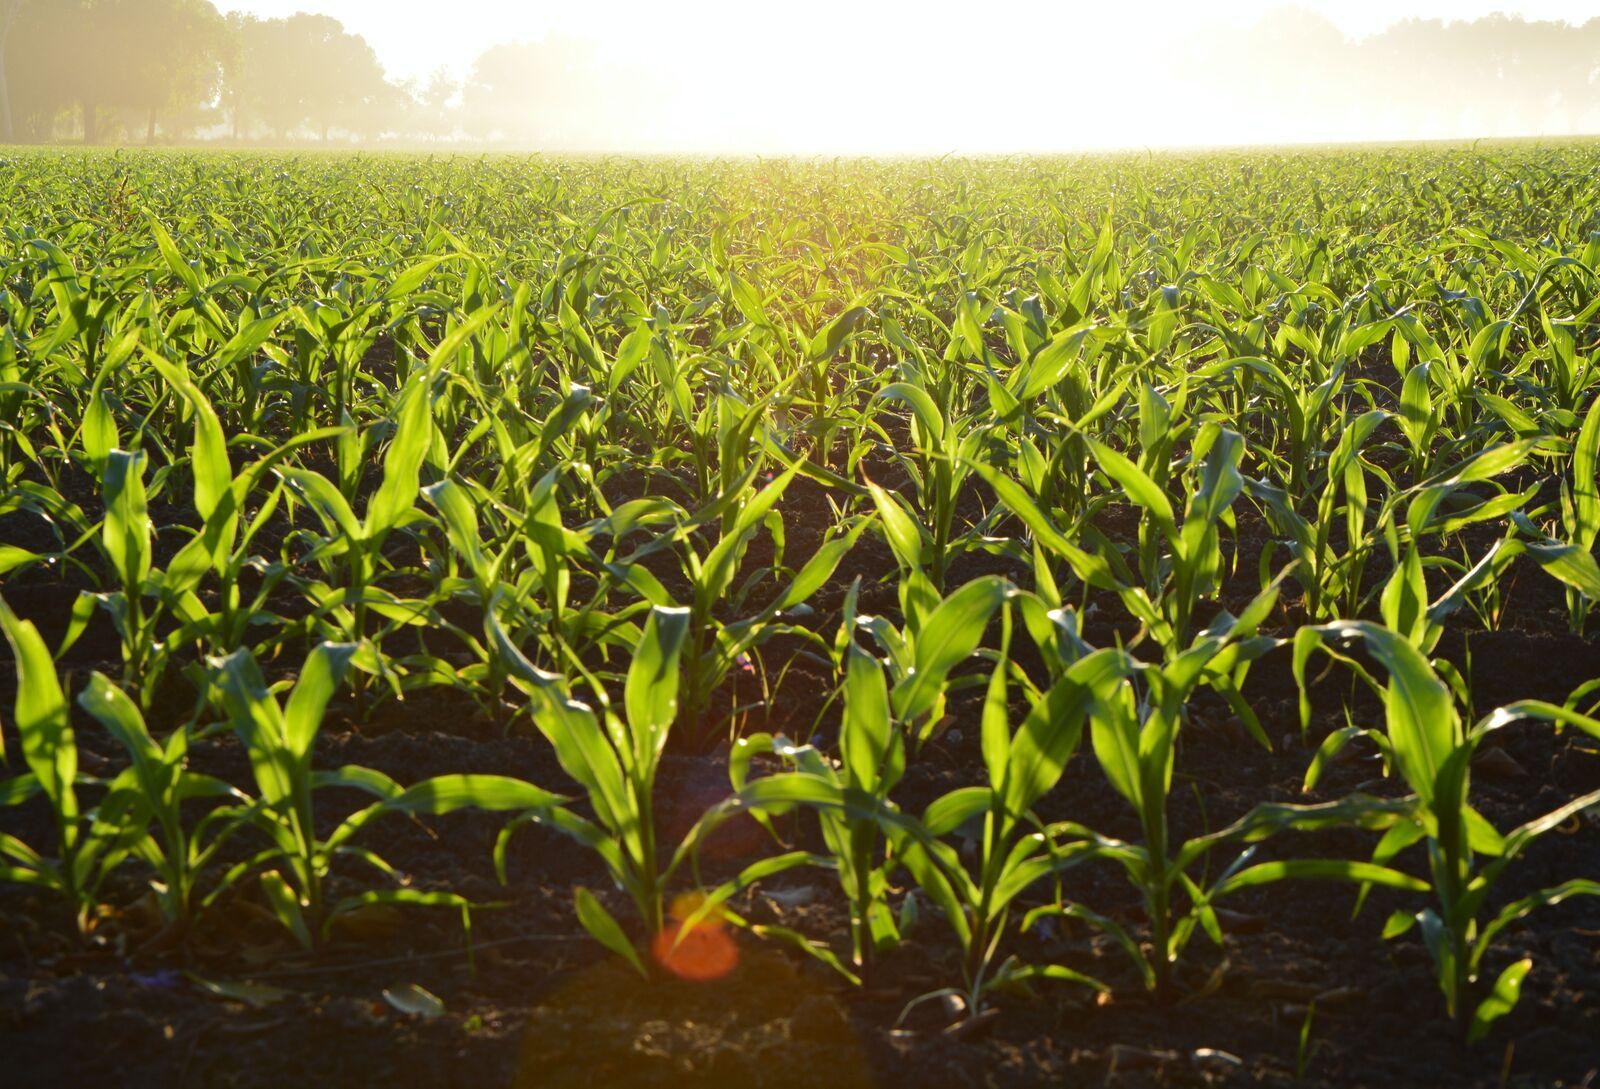 gyűrűs mezőgazdaság gépesítése